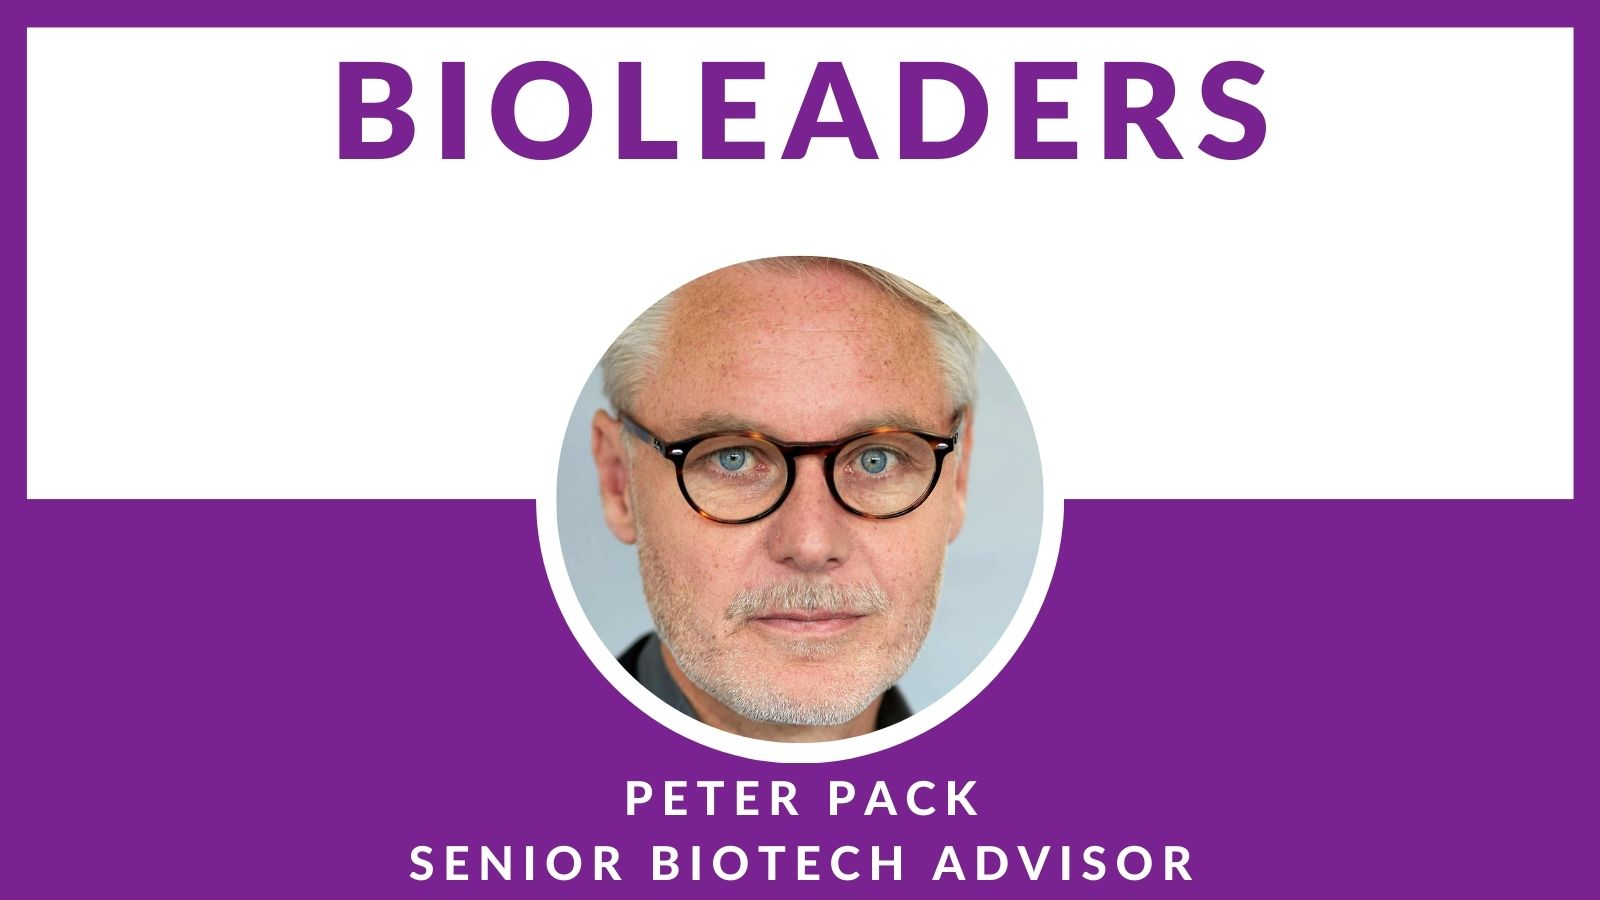 BioLeader Interviewee Peter Pack